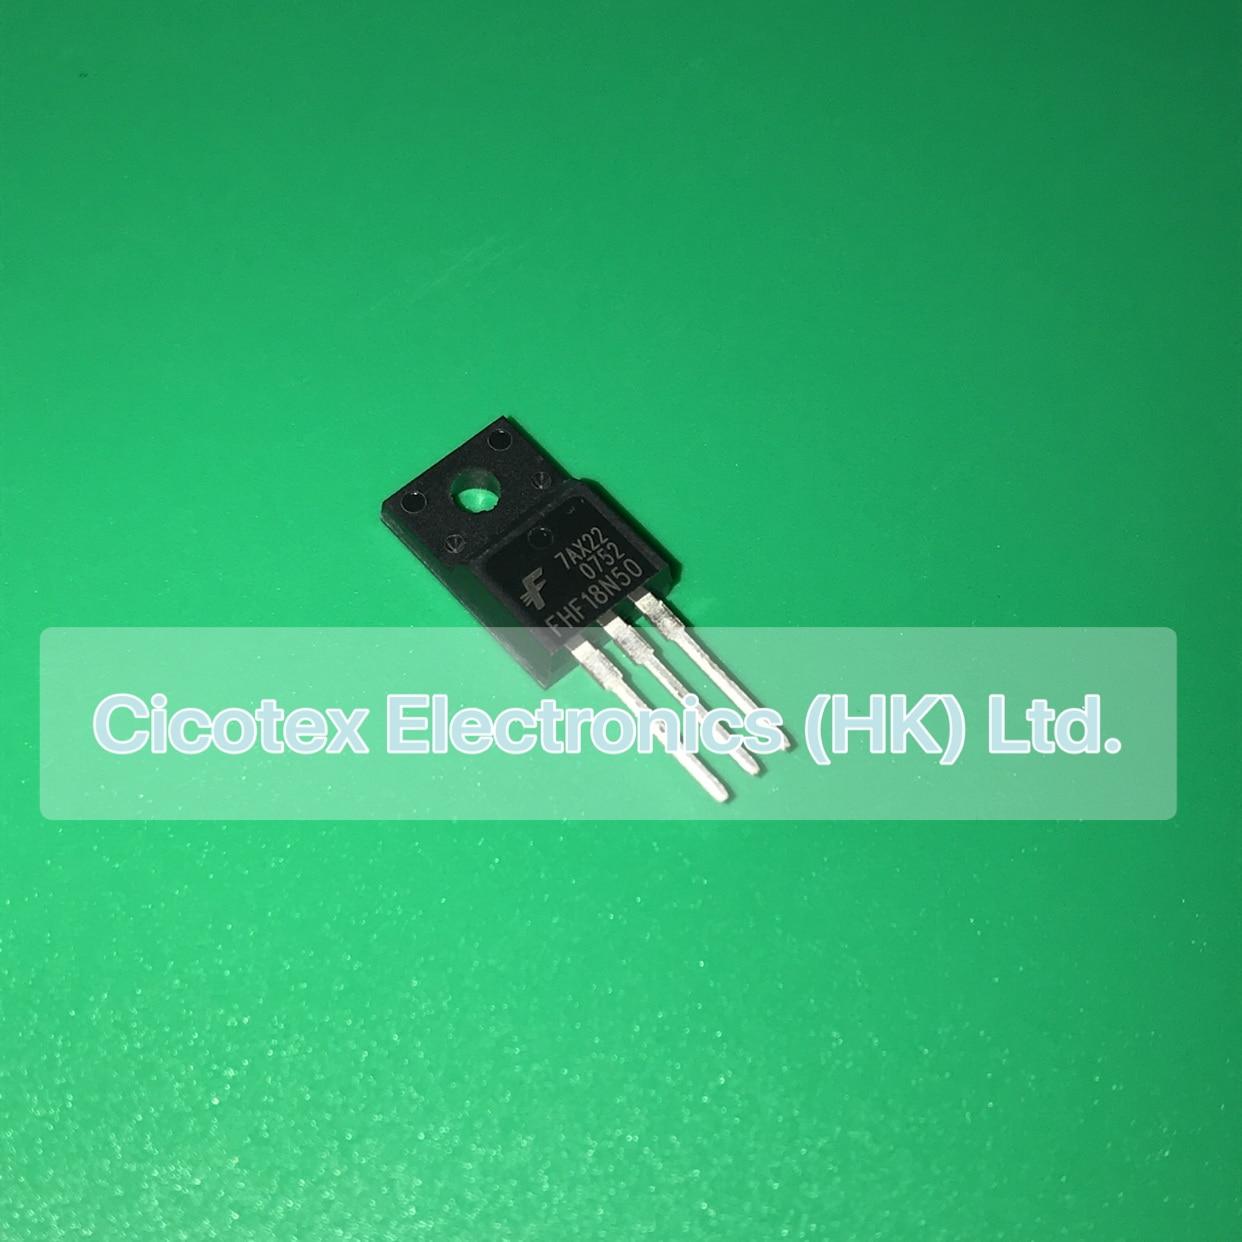 10pcs/lot FHF18N50 TO-220F FHF 18N50 18A 500V N-CHANNEL POWER MOSFET FHF-18N50